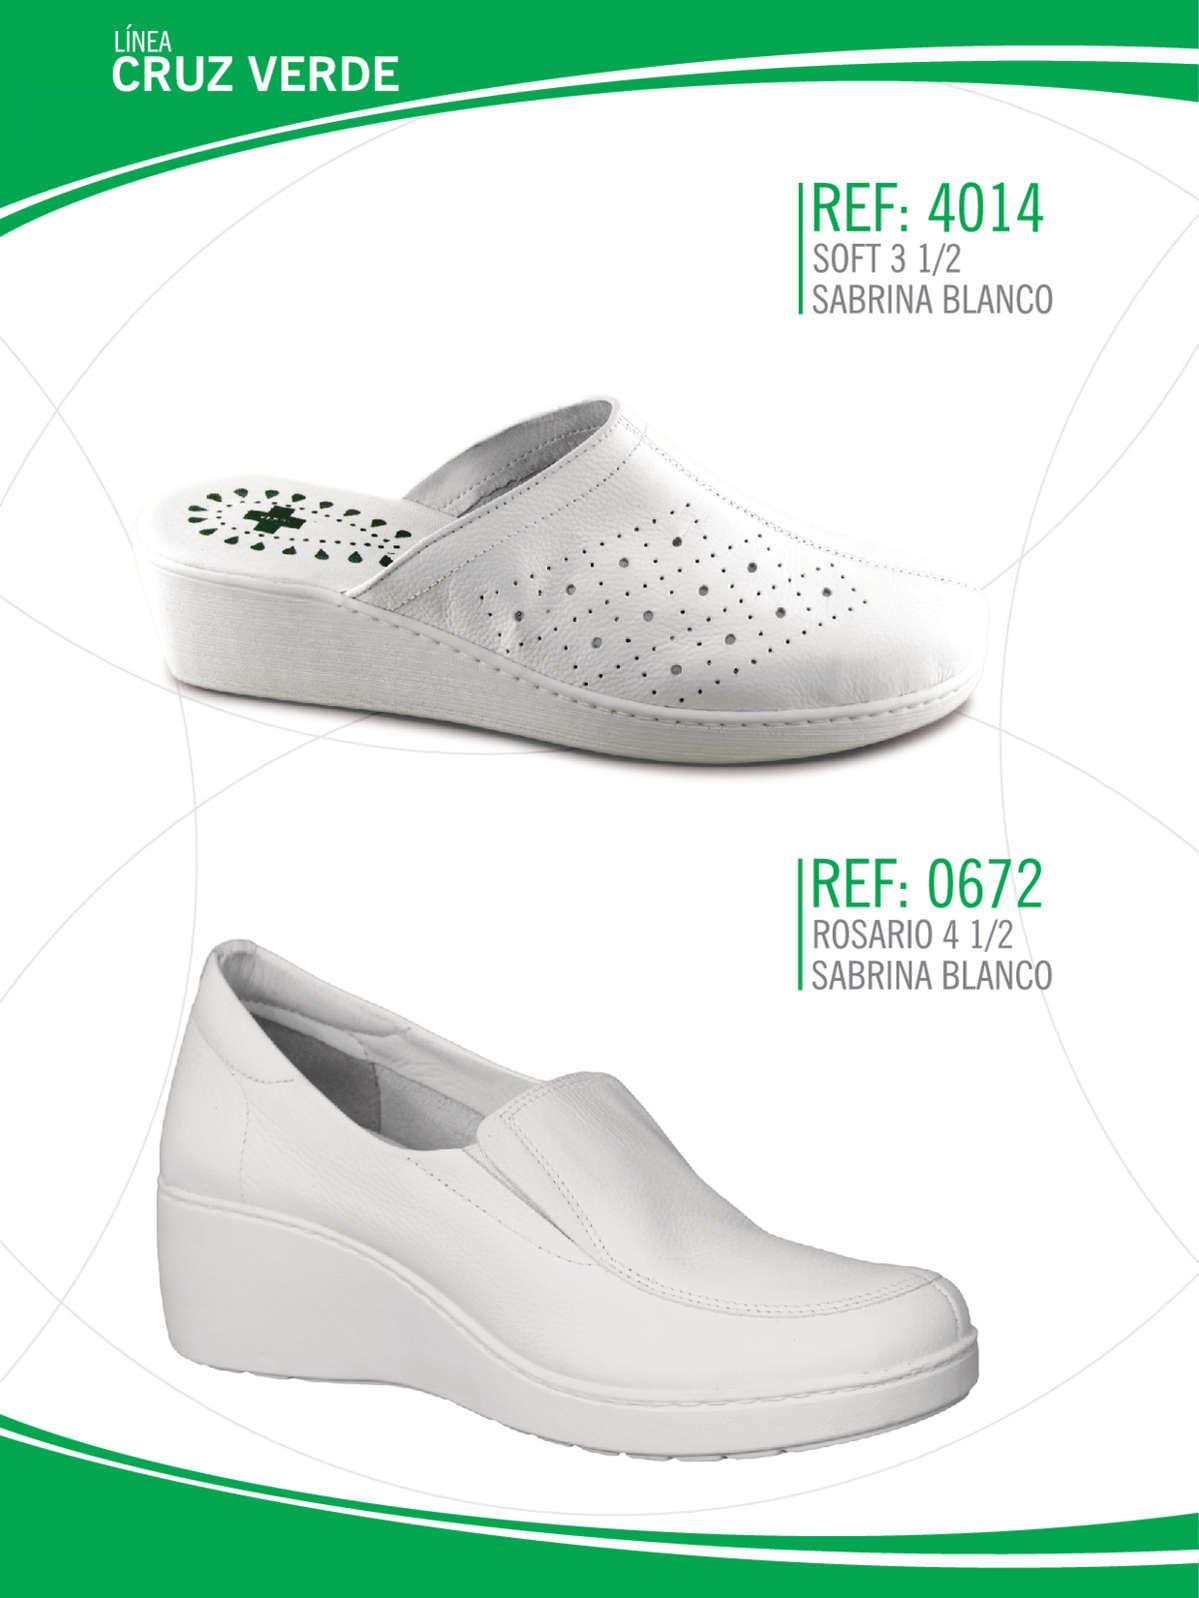 Comprar Cúcuta Y Ofertia Promociones Tiendas En Zapatos pzVqSMU